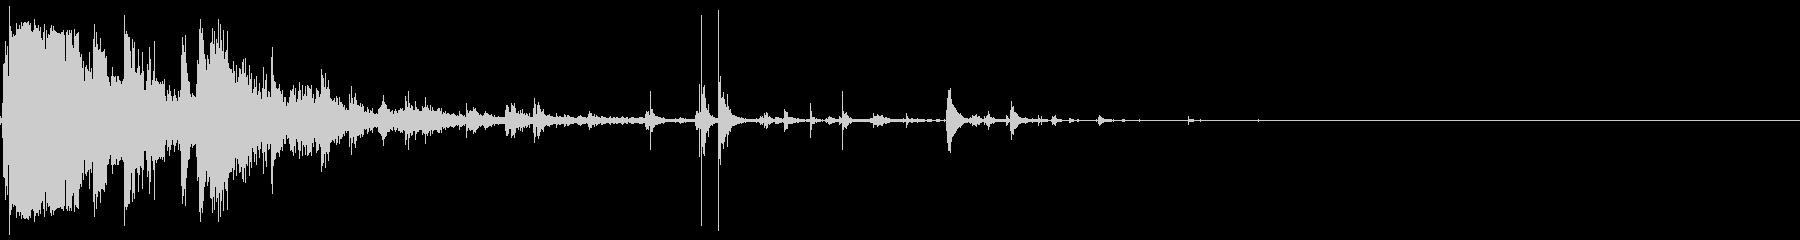 スモールメタルインパクトメタルインパクトの未再生の波形